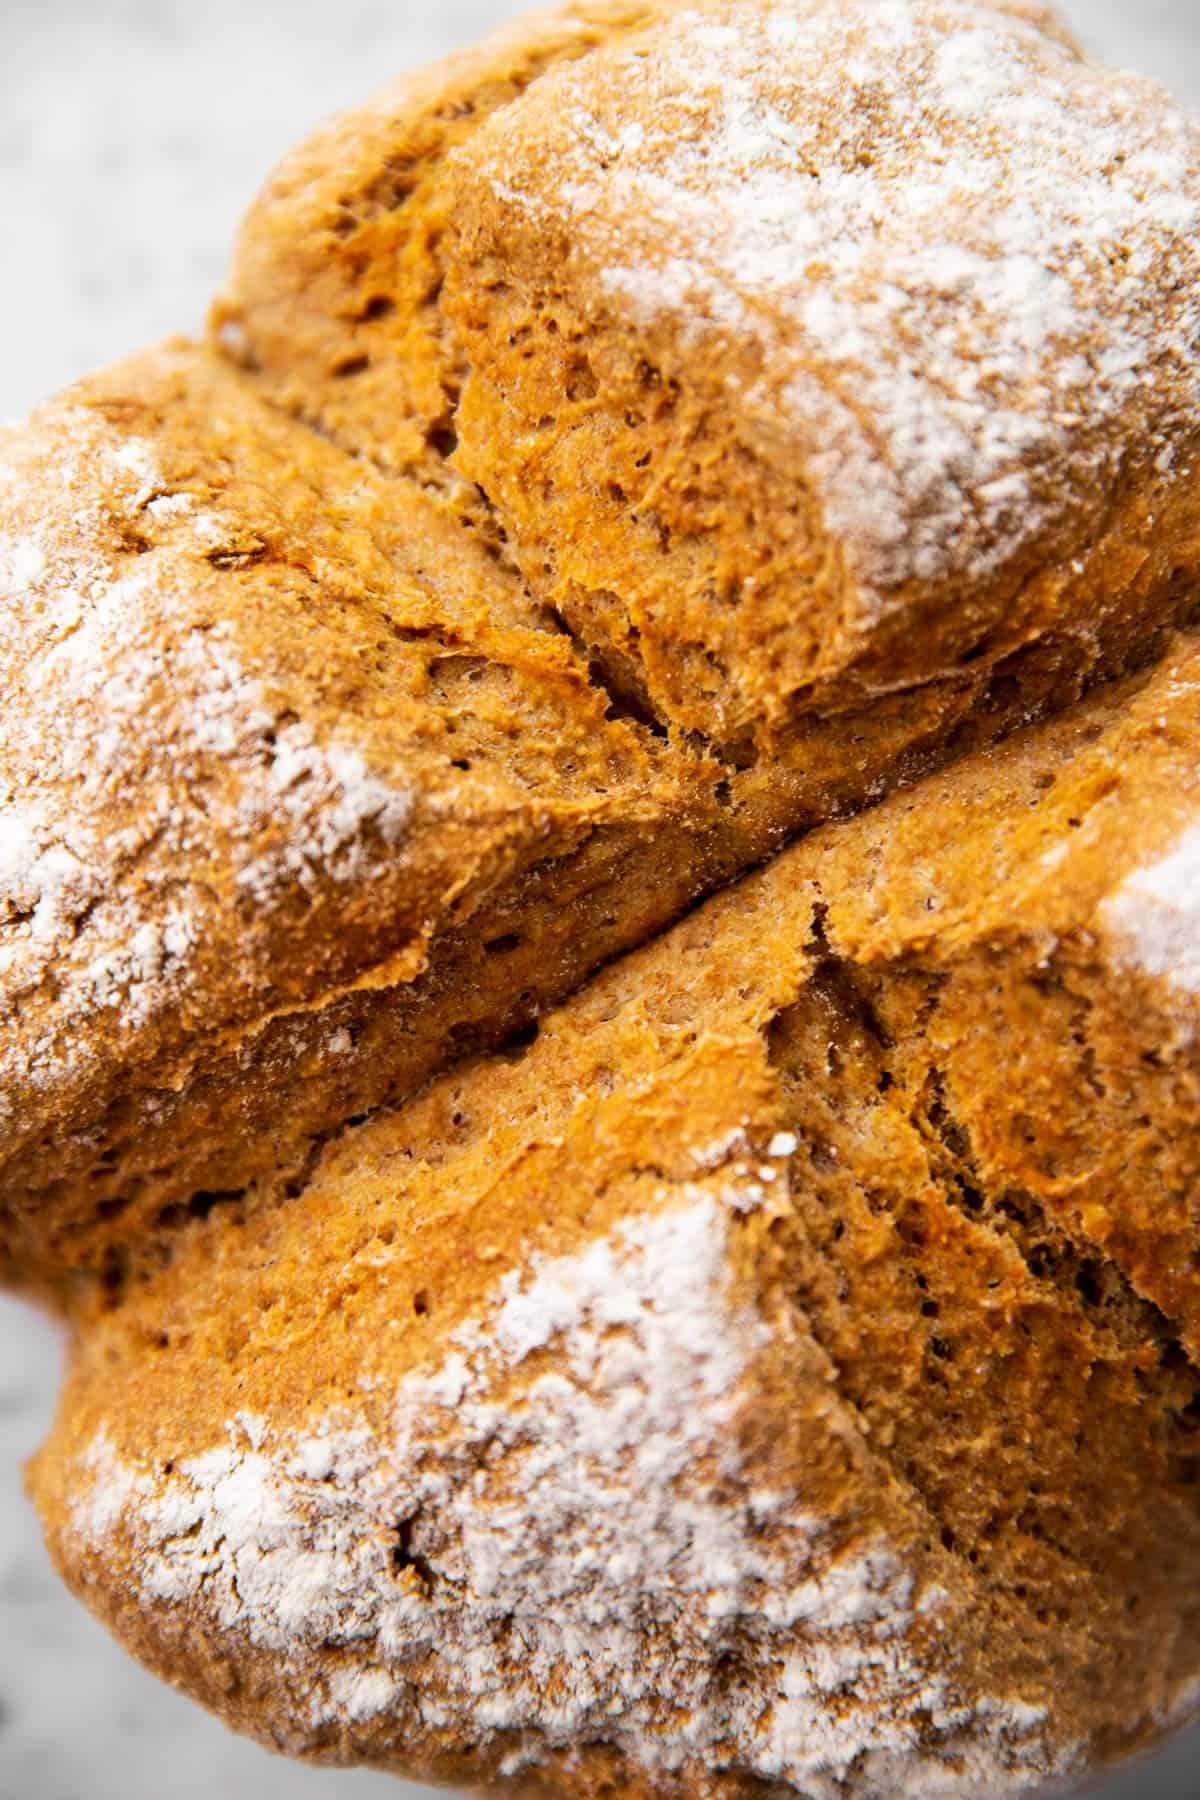 close up photo of baked Irish soda bread